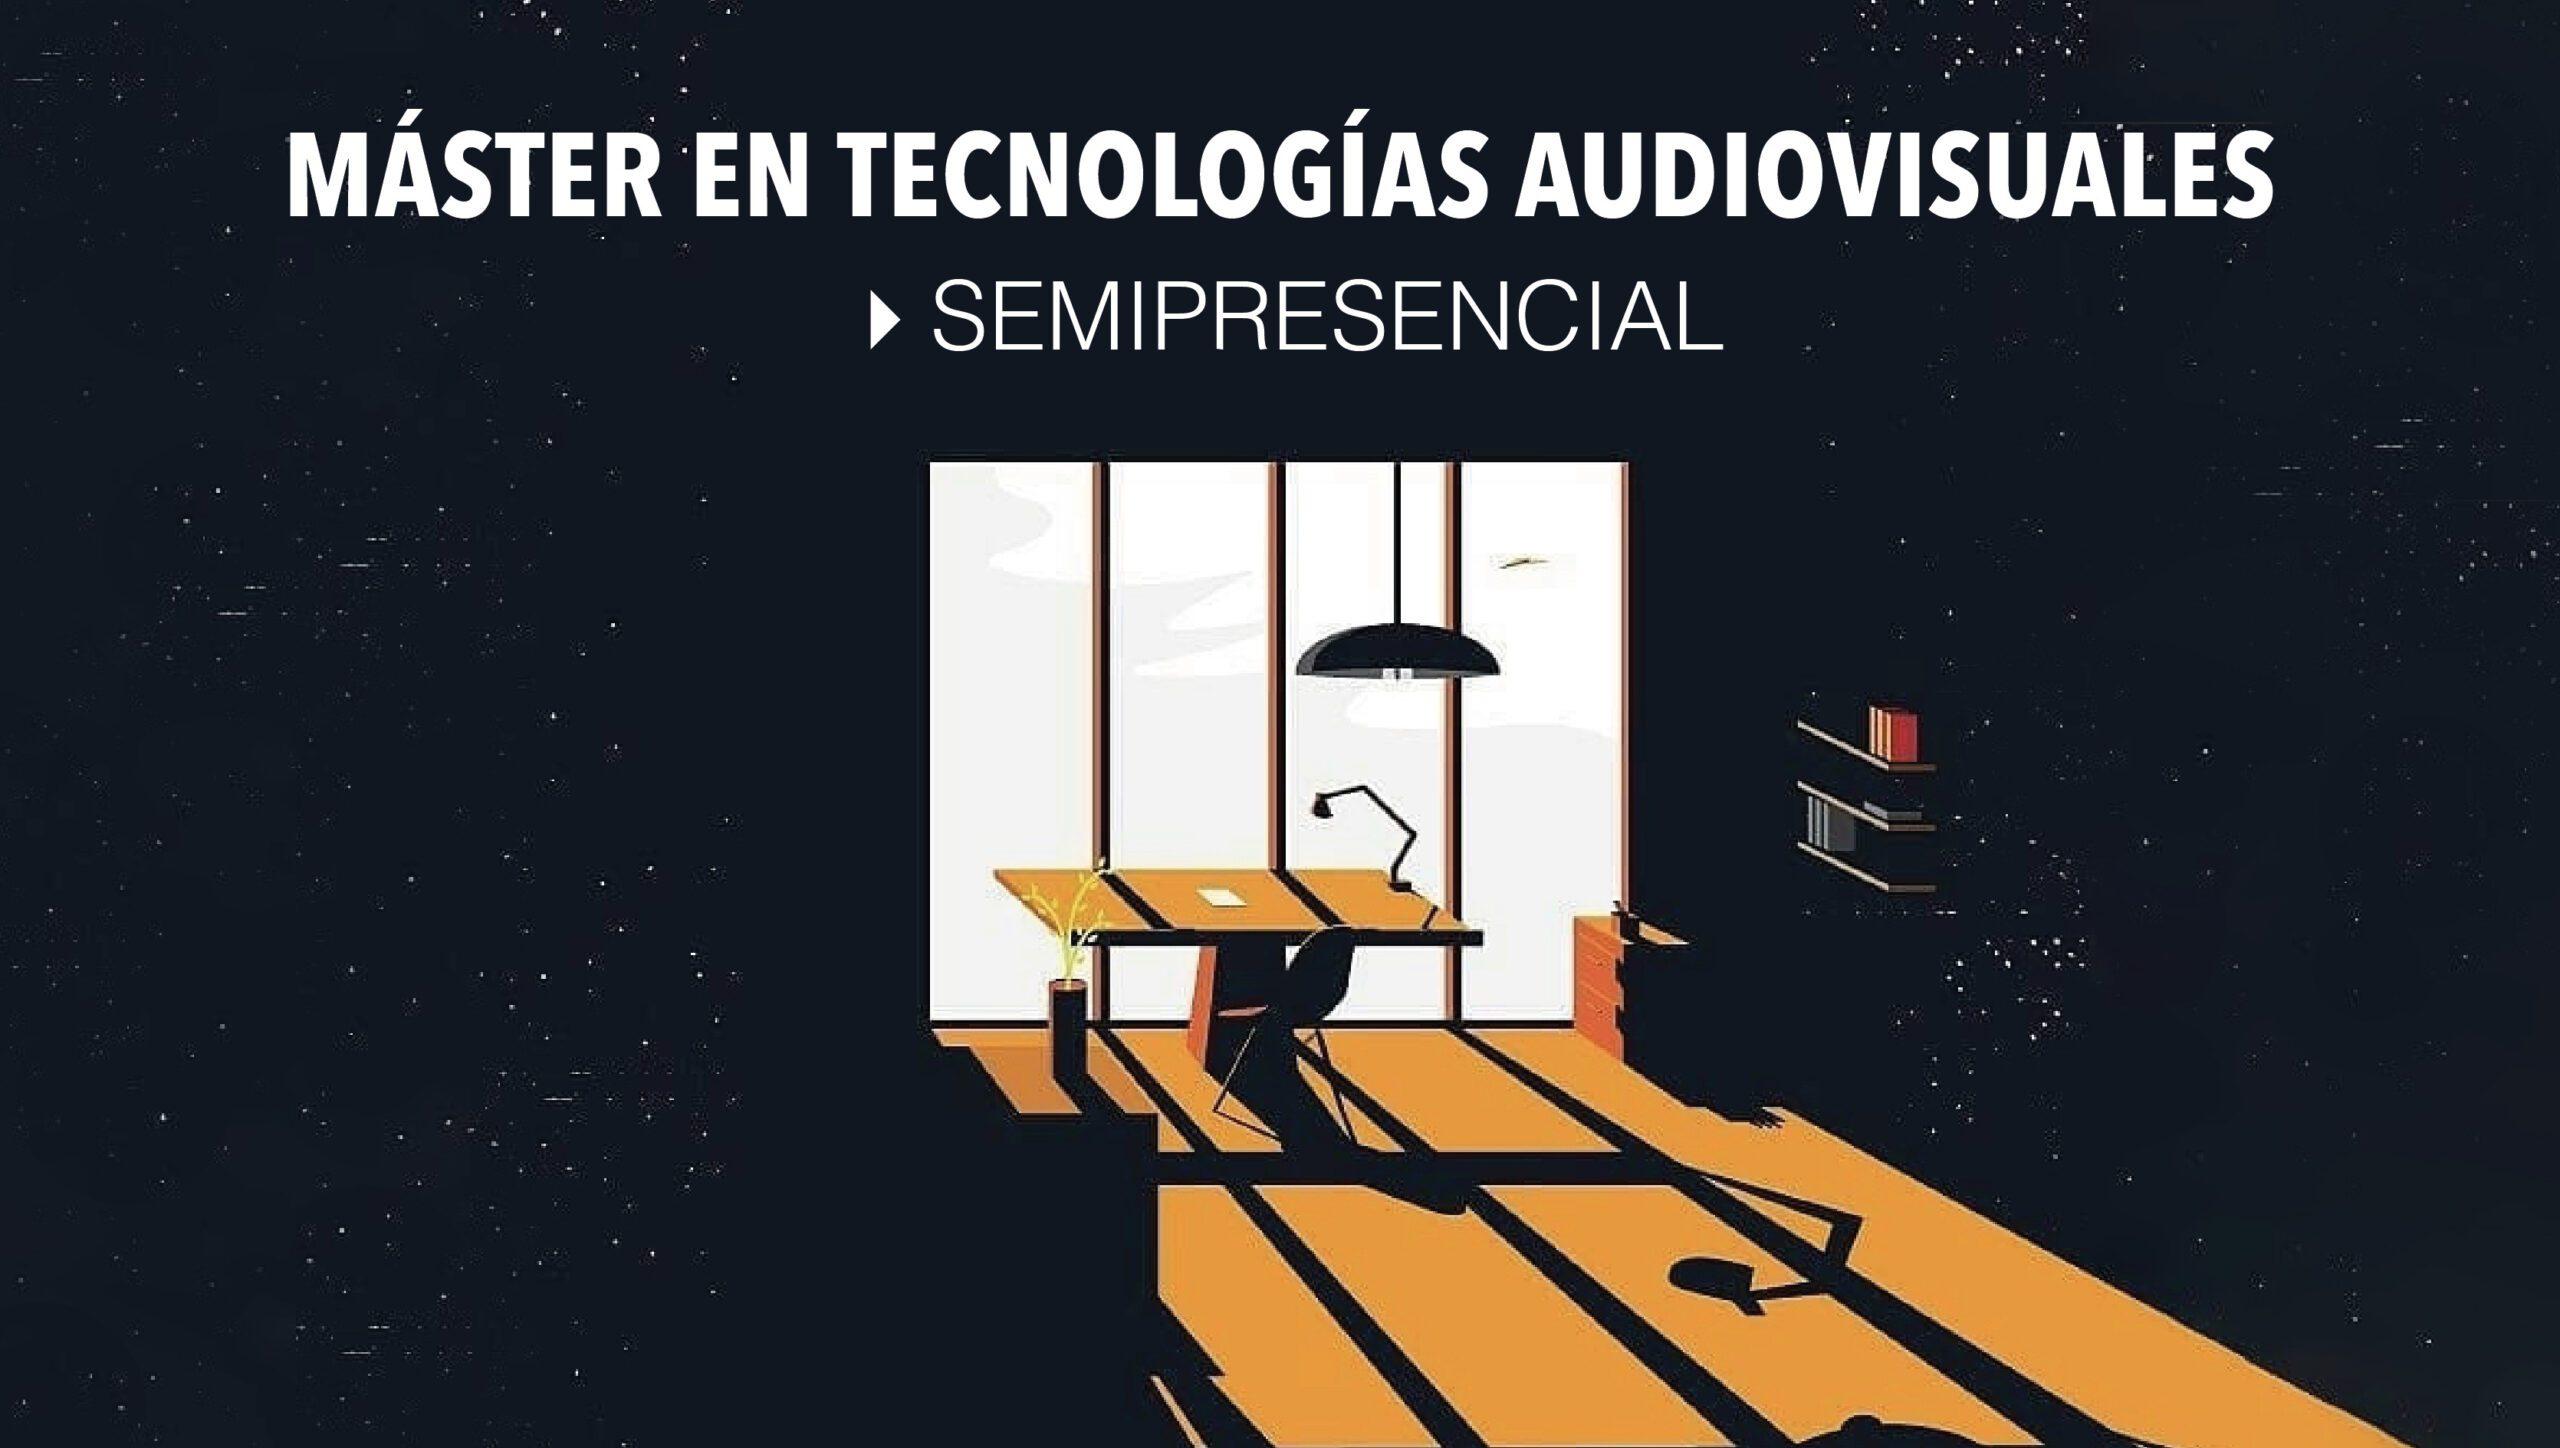 Master en Tecnologías Audiovisuales